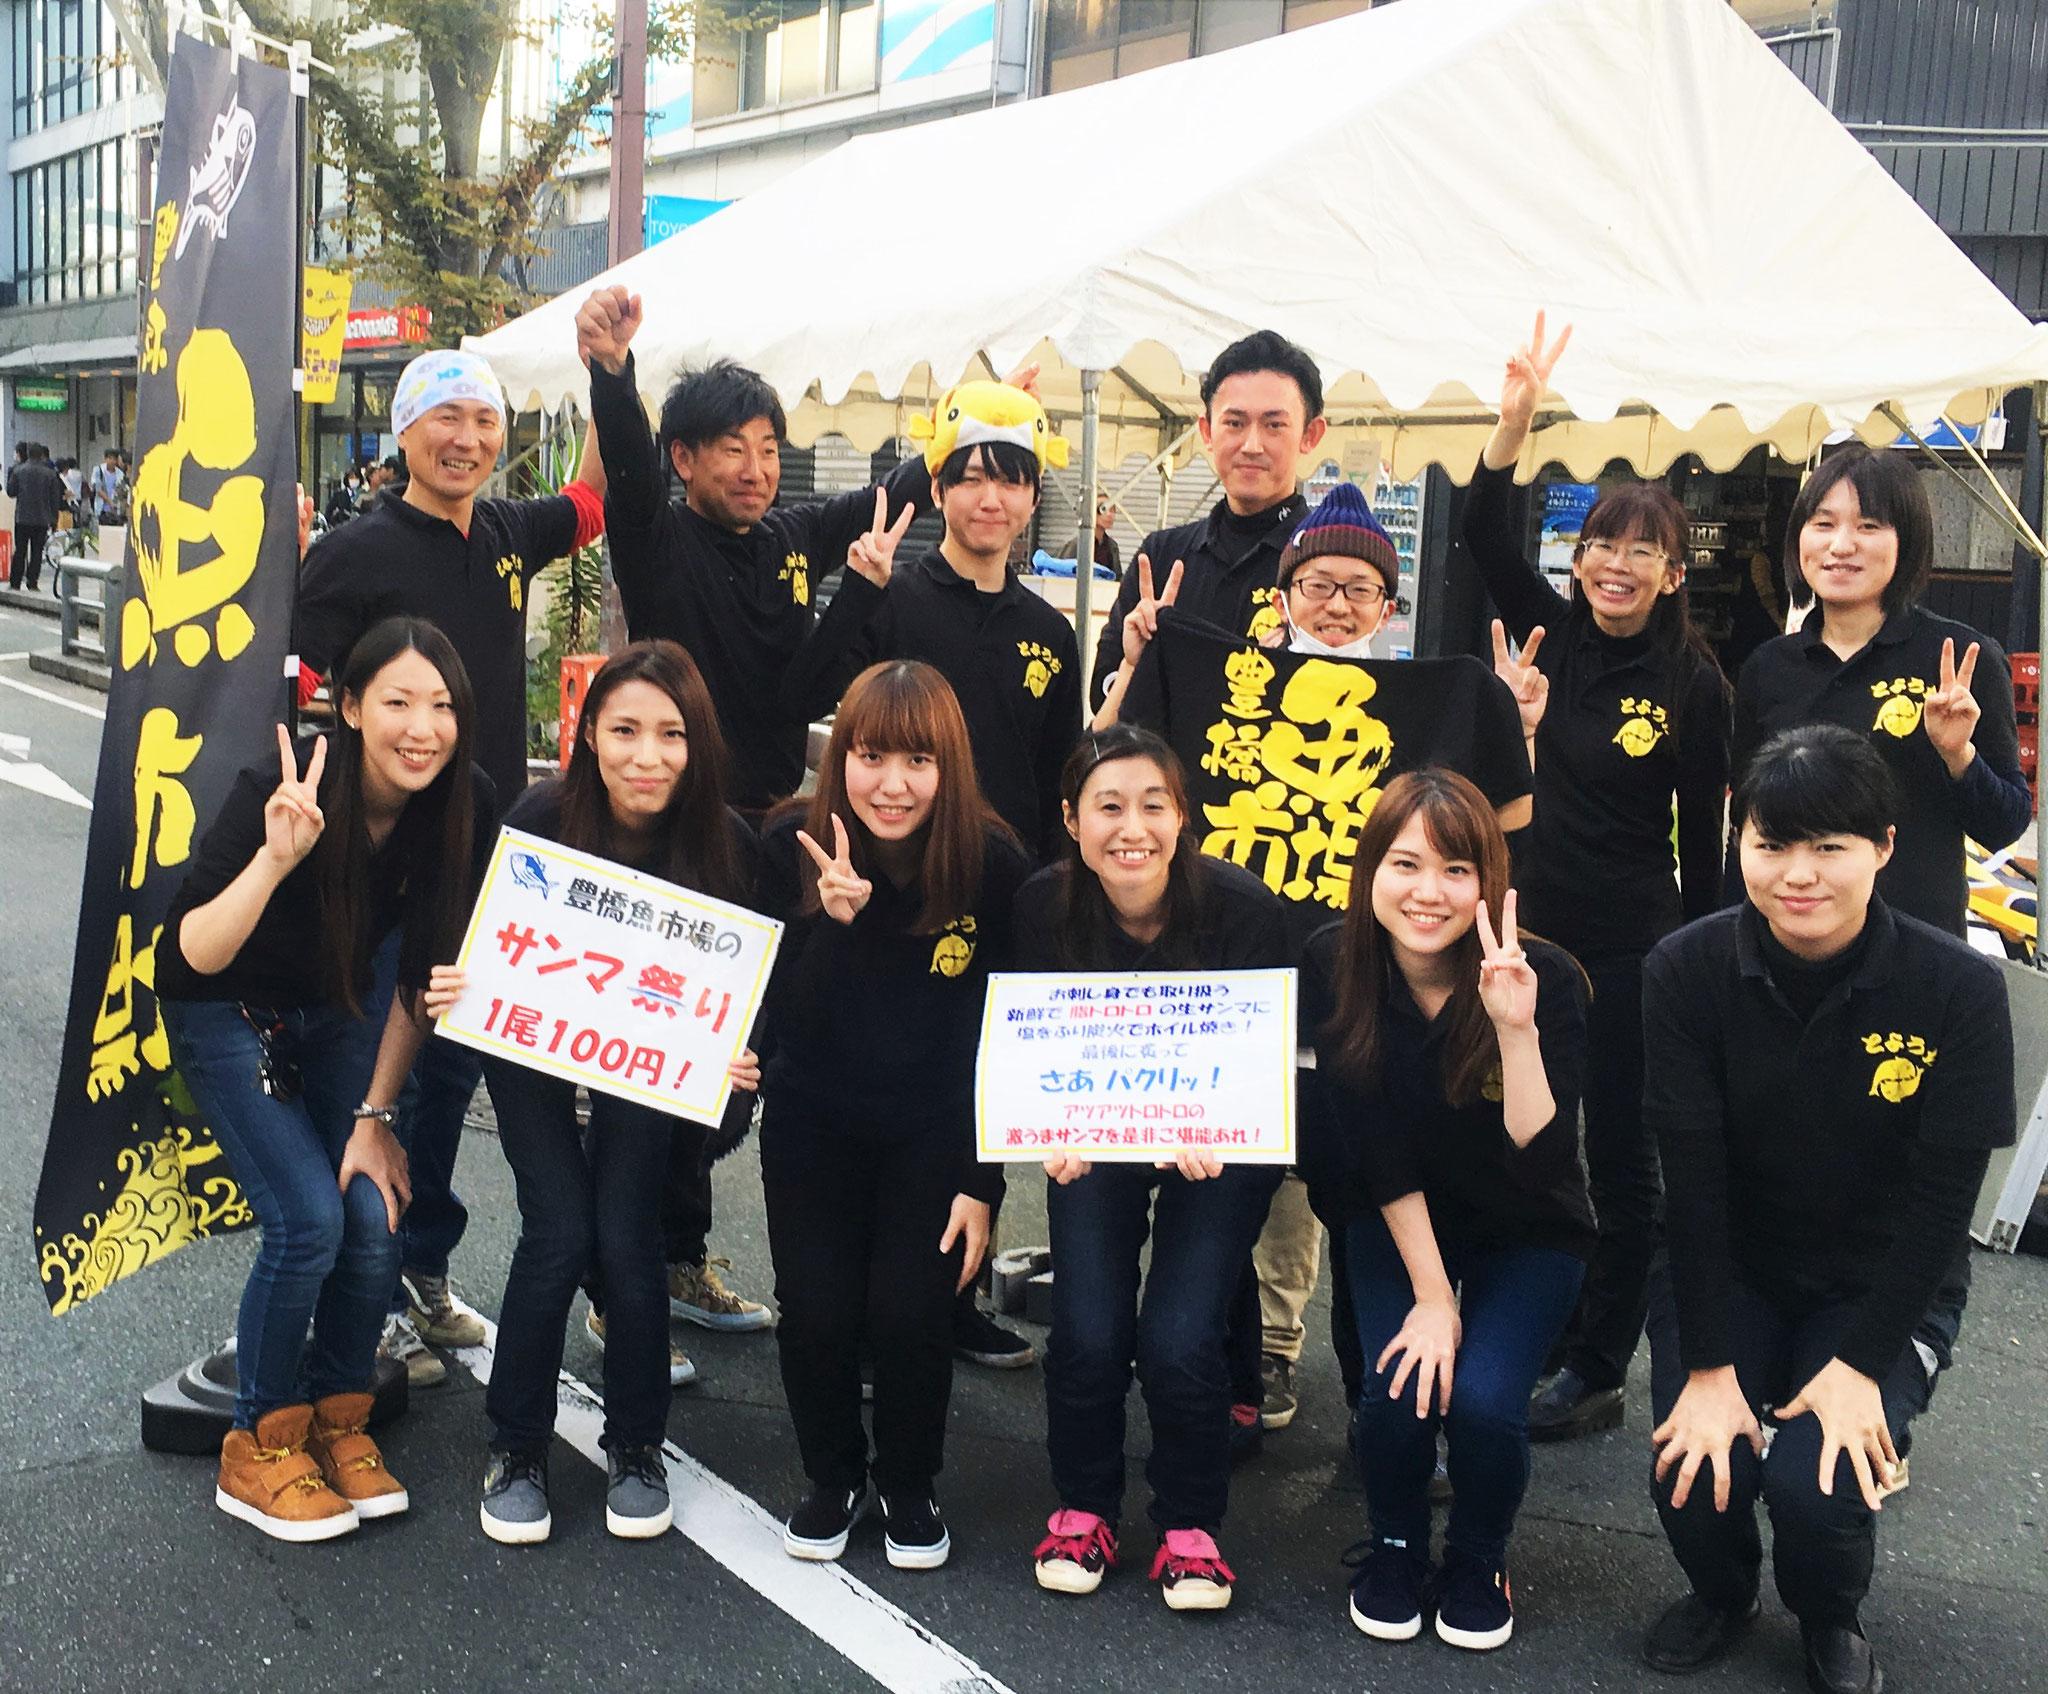 終了後、豊橋魚市場『サンマ祭り』のメンバーでパシャリ!!